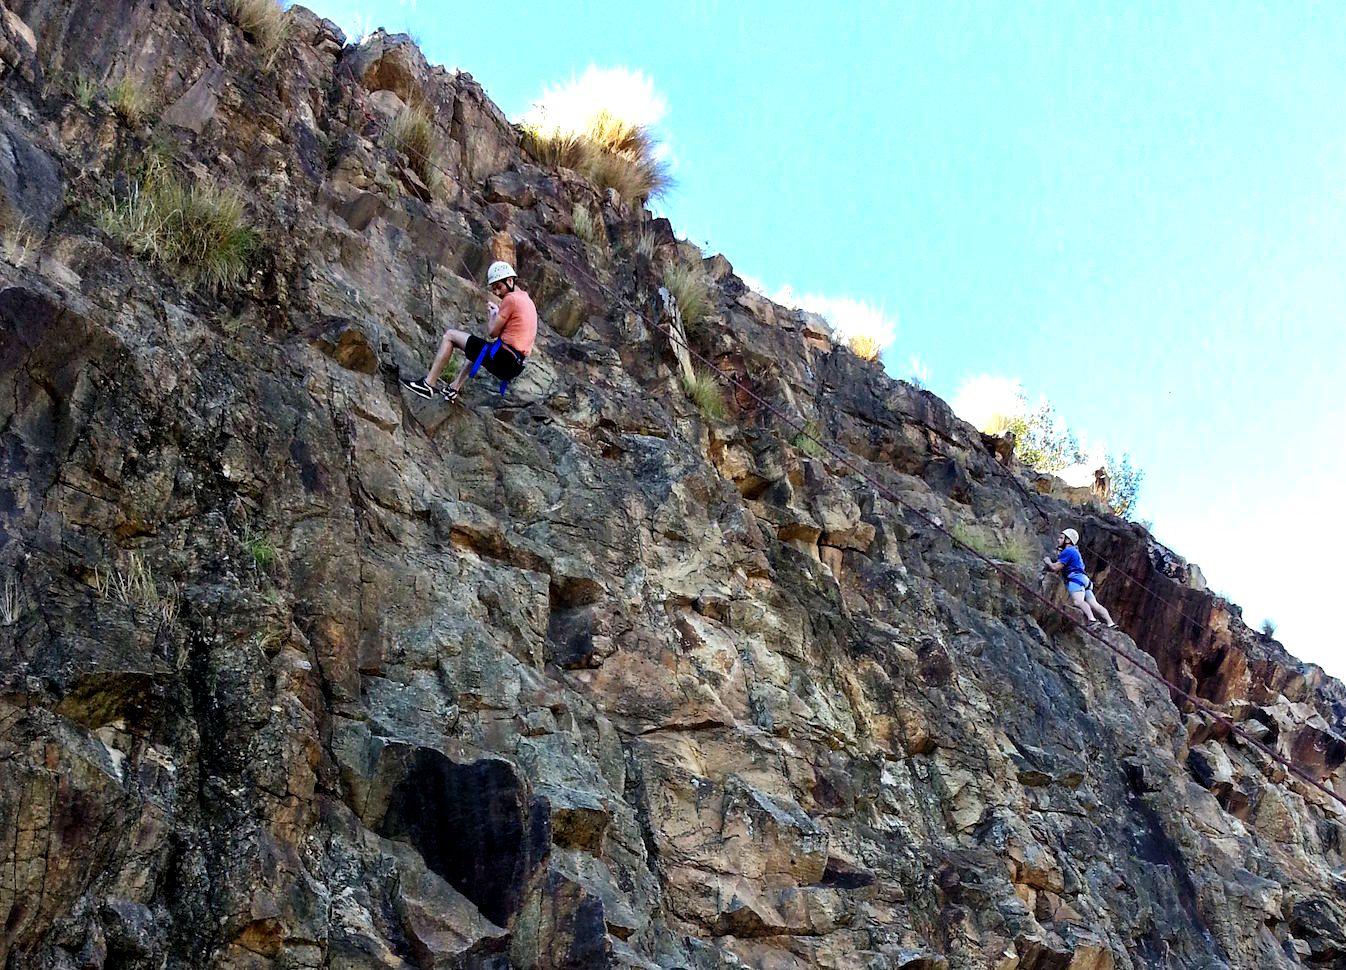 5-outdoor-activities-brisbane